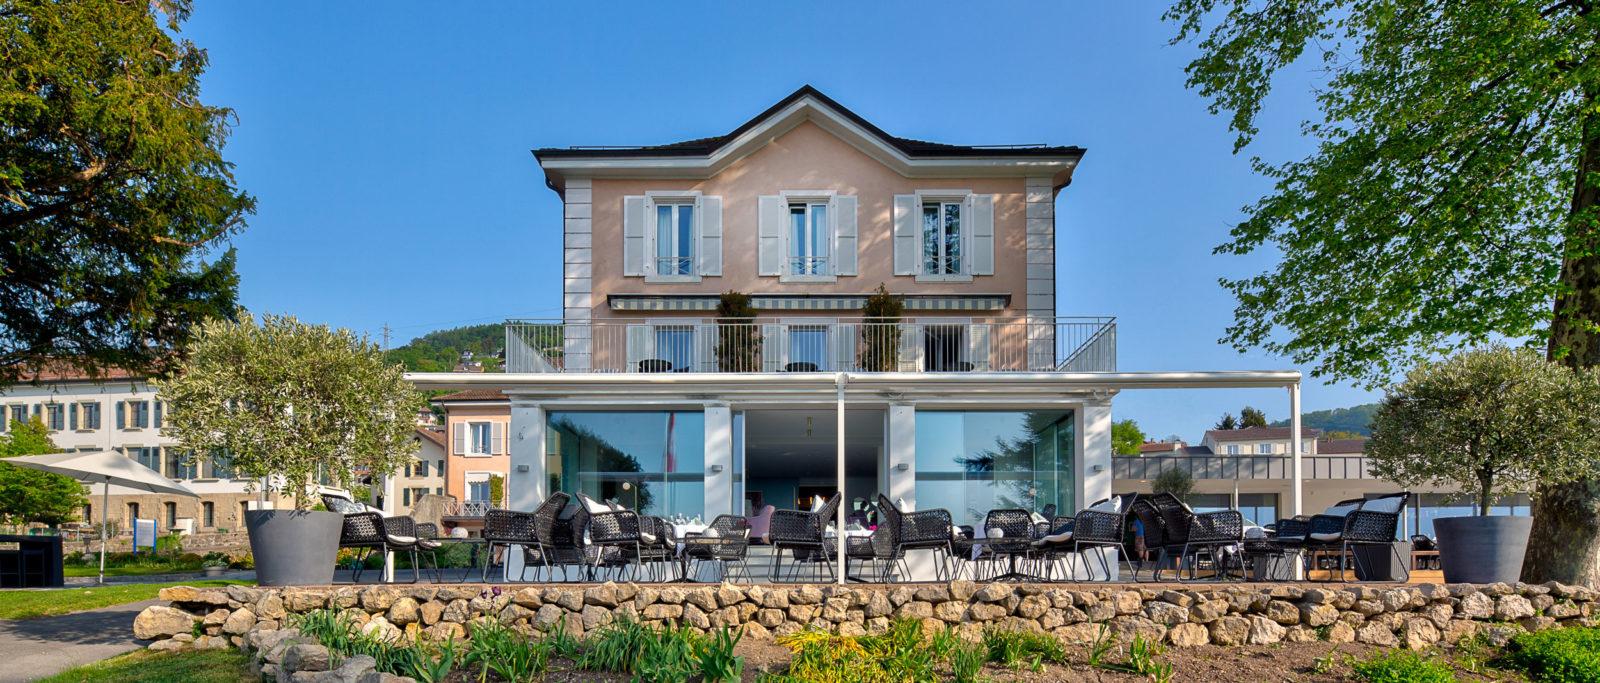 Avec ses chambres rénovées et cuisines flambant neuves, l'Hôtel du Léman est prêt pour la haute saison !